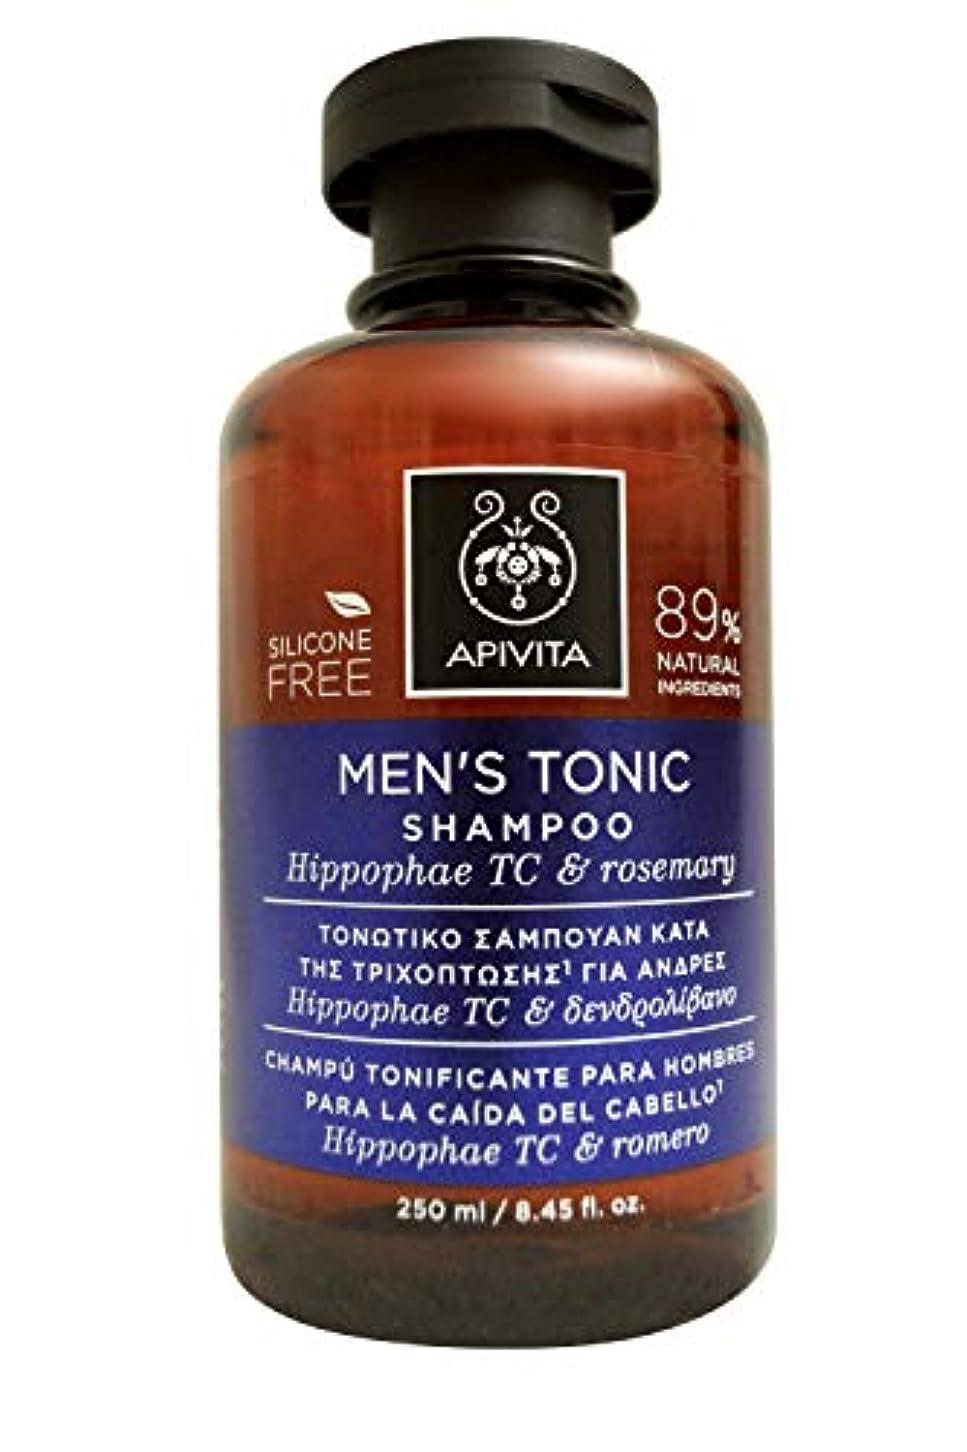 再現する大工家禽アピヴィータ Men's Tonic Shampoo with Hippophae TC & Rosemary (For Thinning Hair) 250ml [並行輸入品]